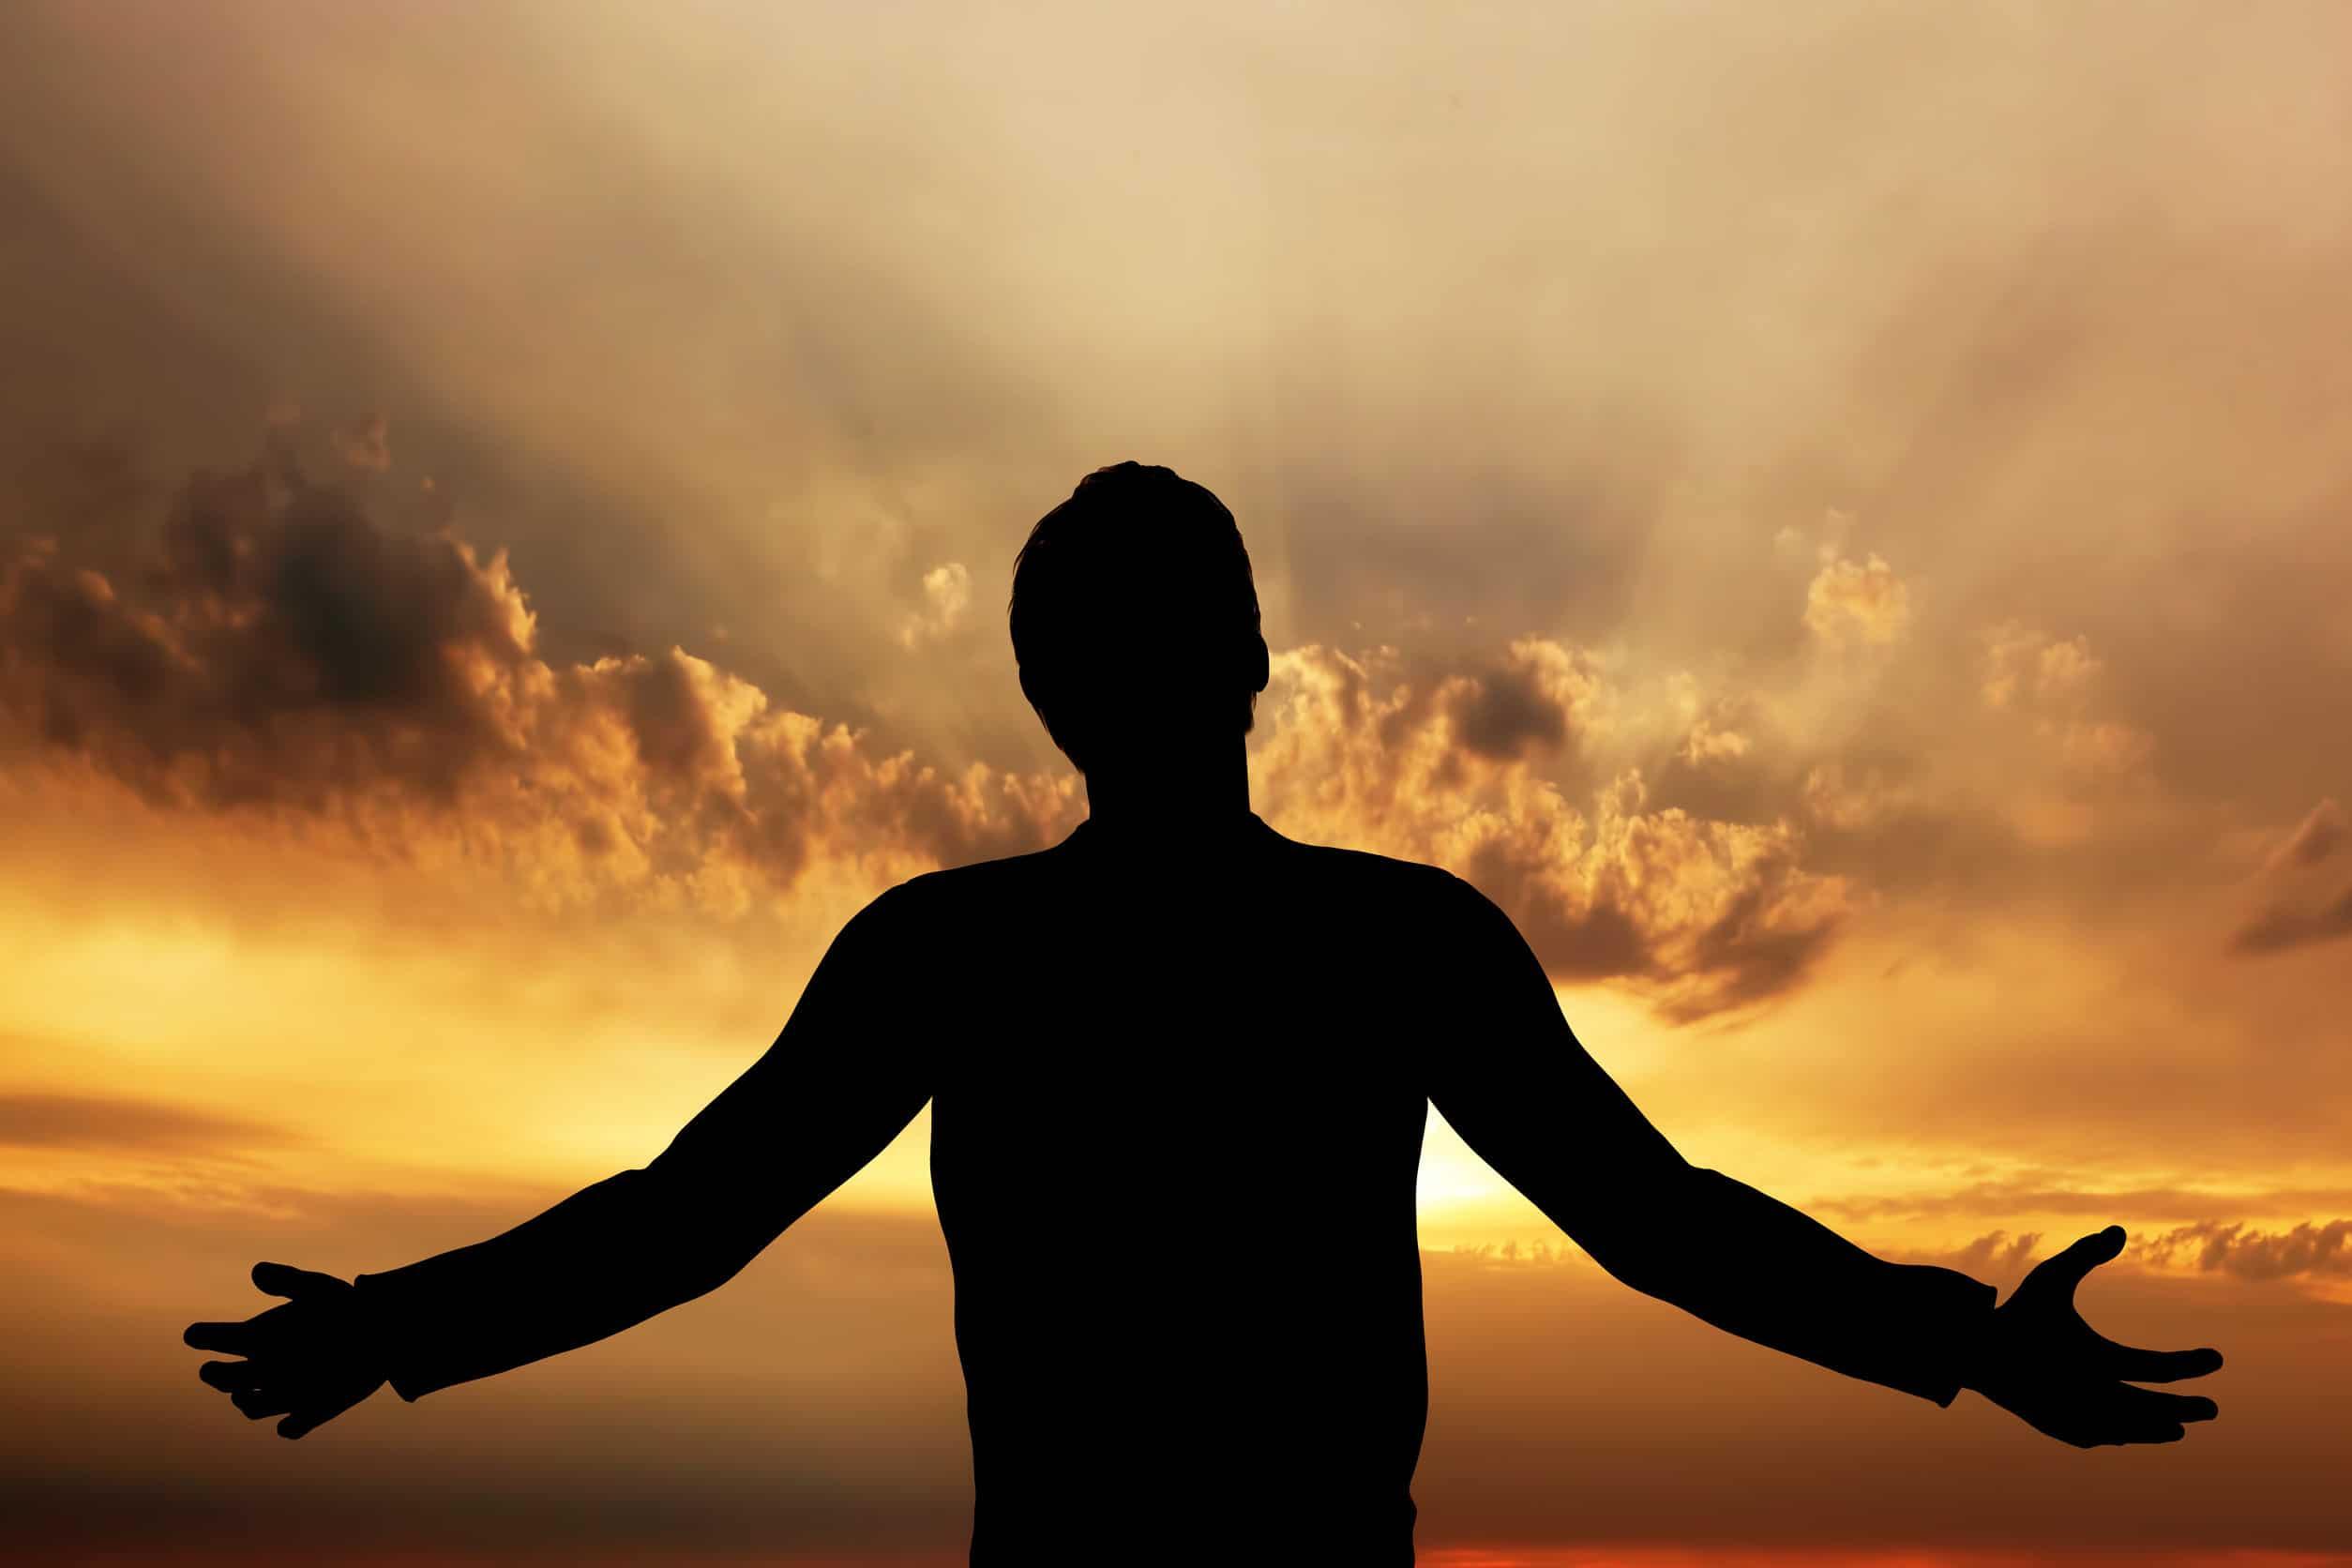 Homem rezando, meditando em harmonia e paz ao pôr do sol.